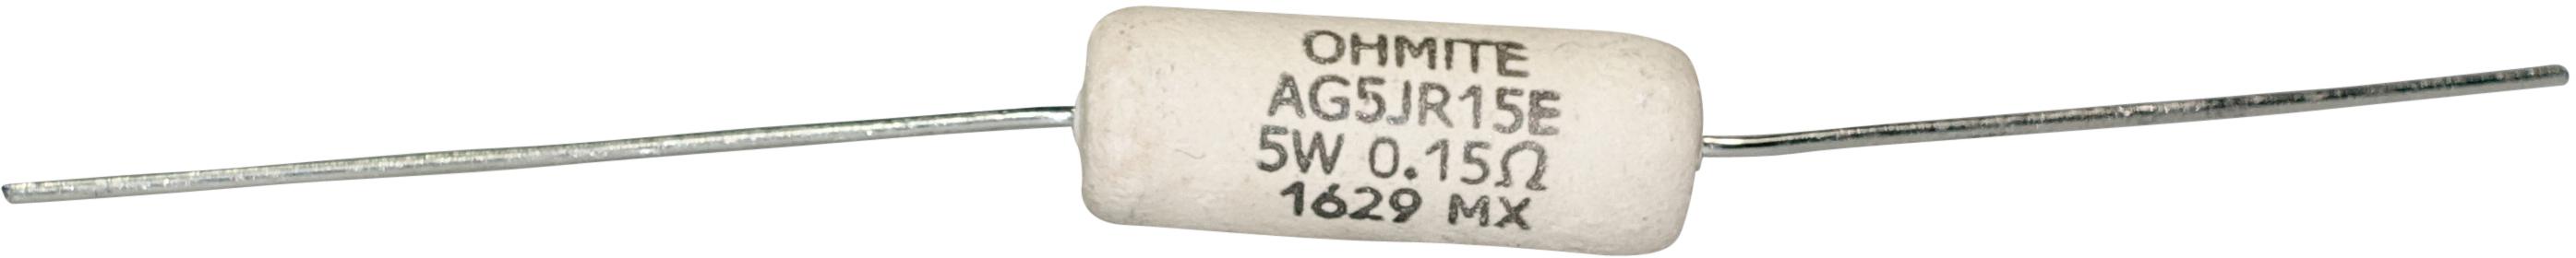 Ohmite Audio Gold 5W - 2,7 Ohm